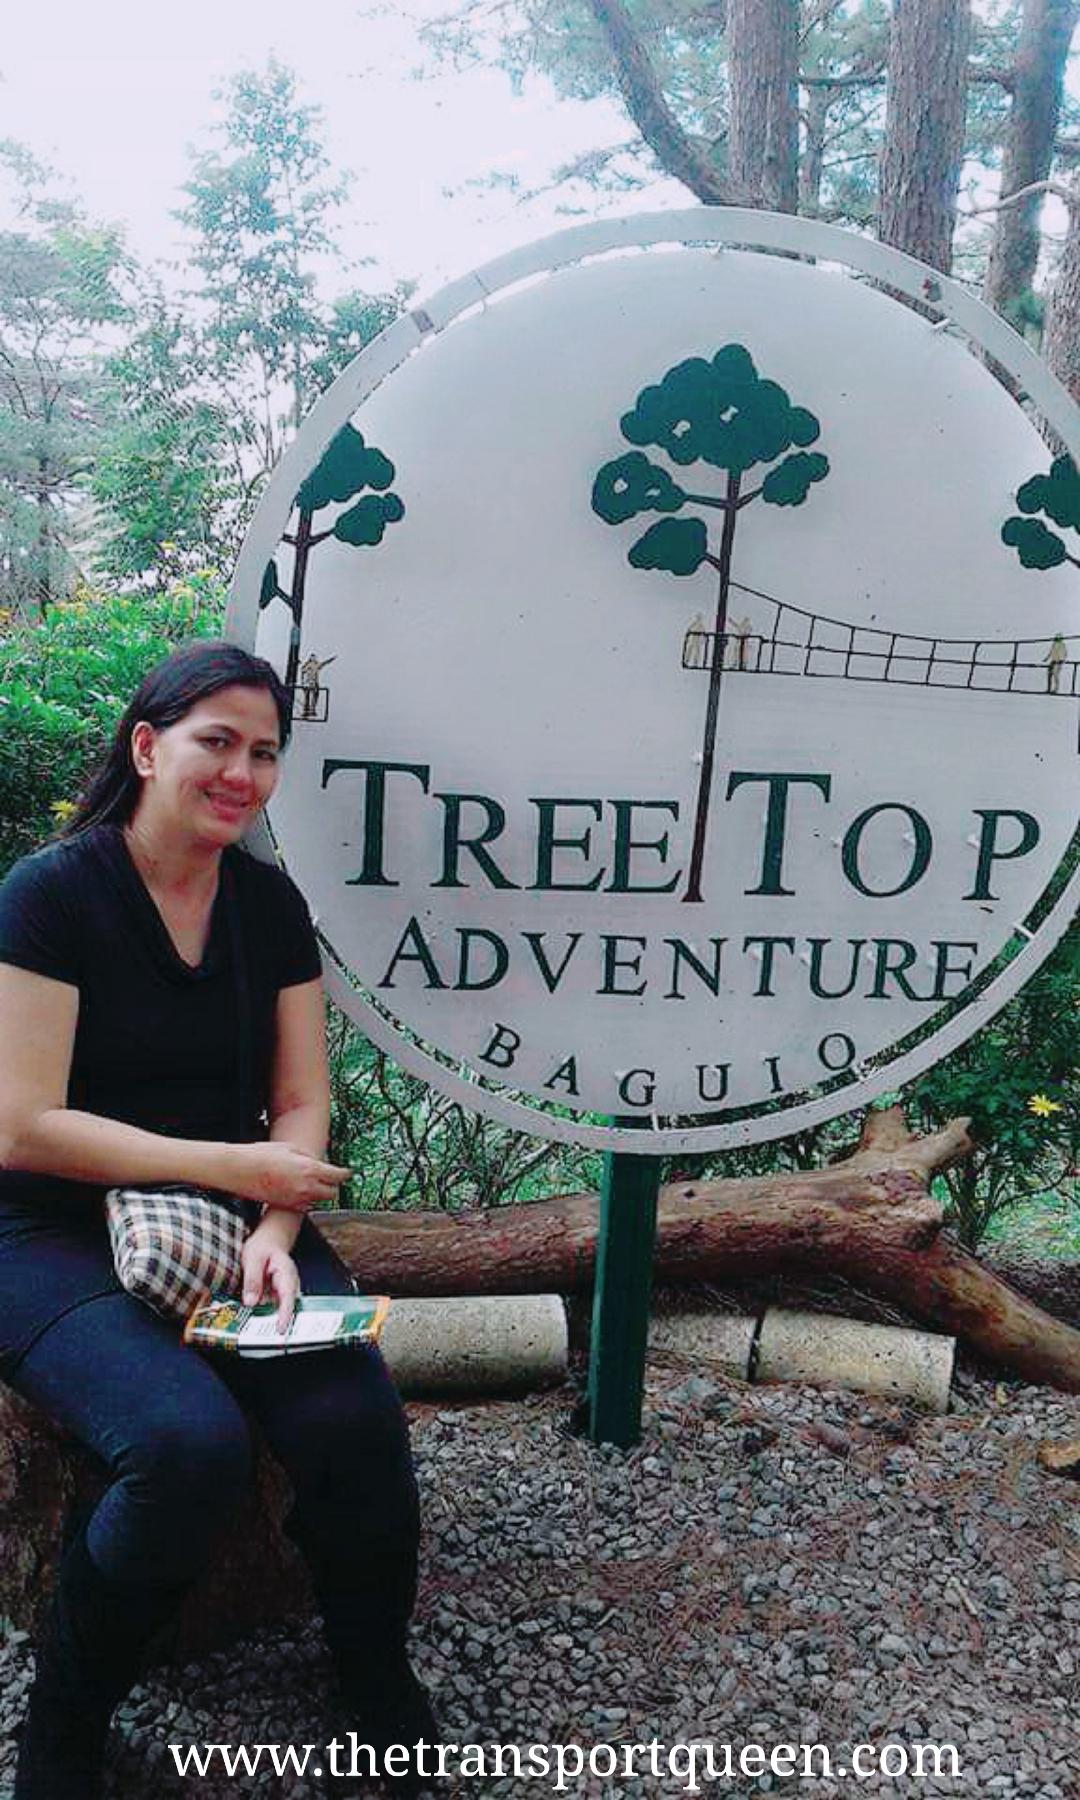 Tree Top Adventure.jpg